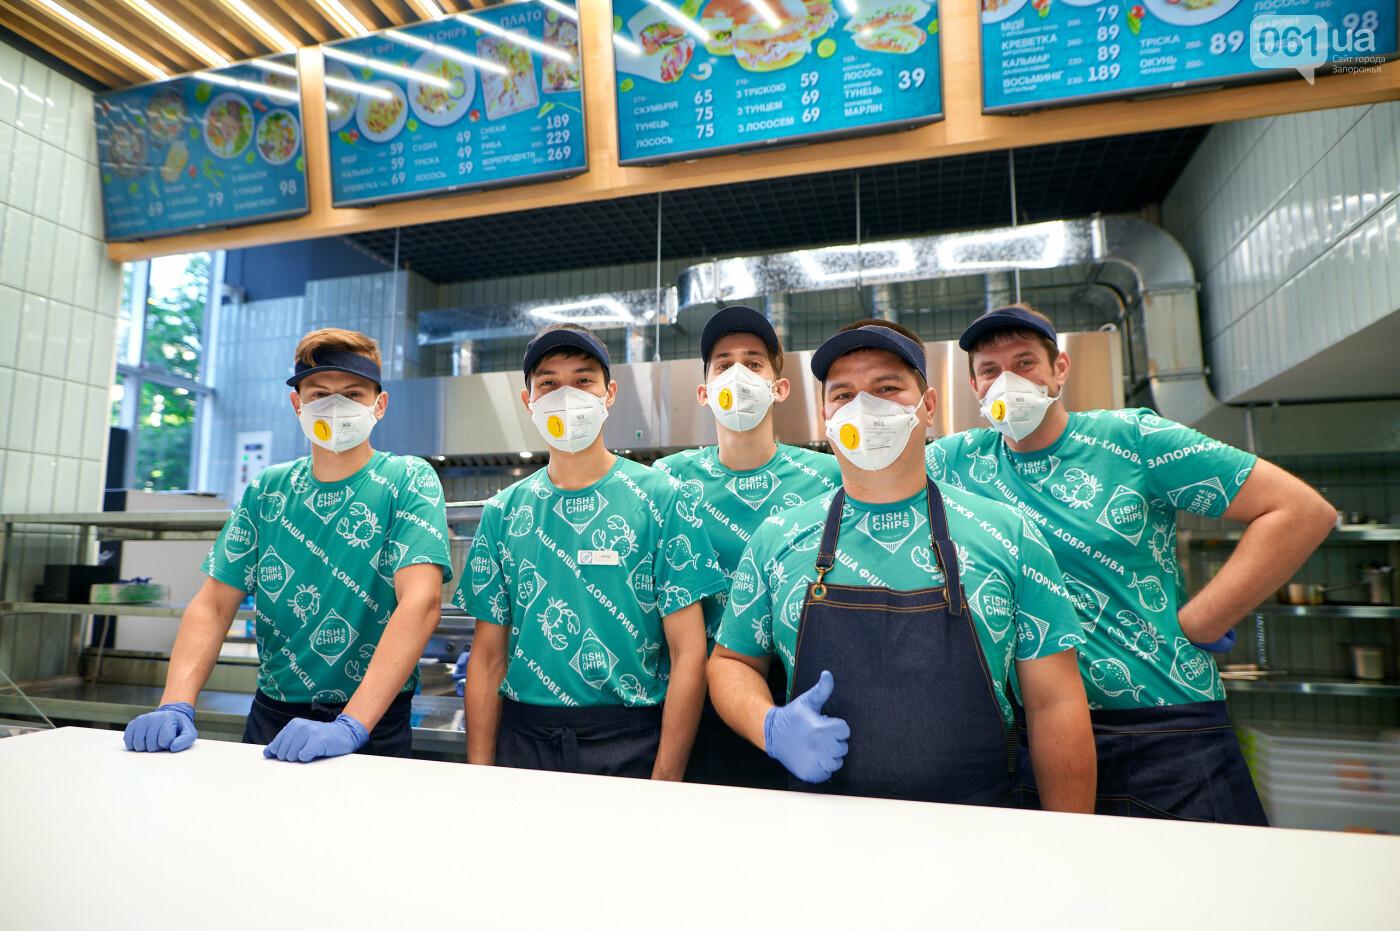 Морские деликатесы по доступной цене!, фото-4